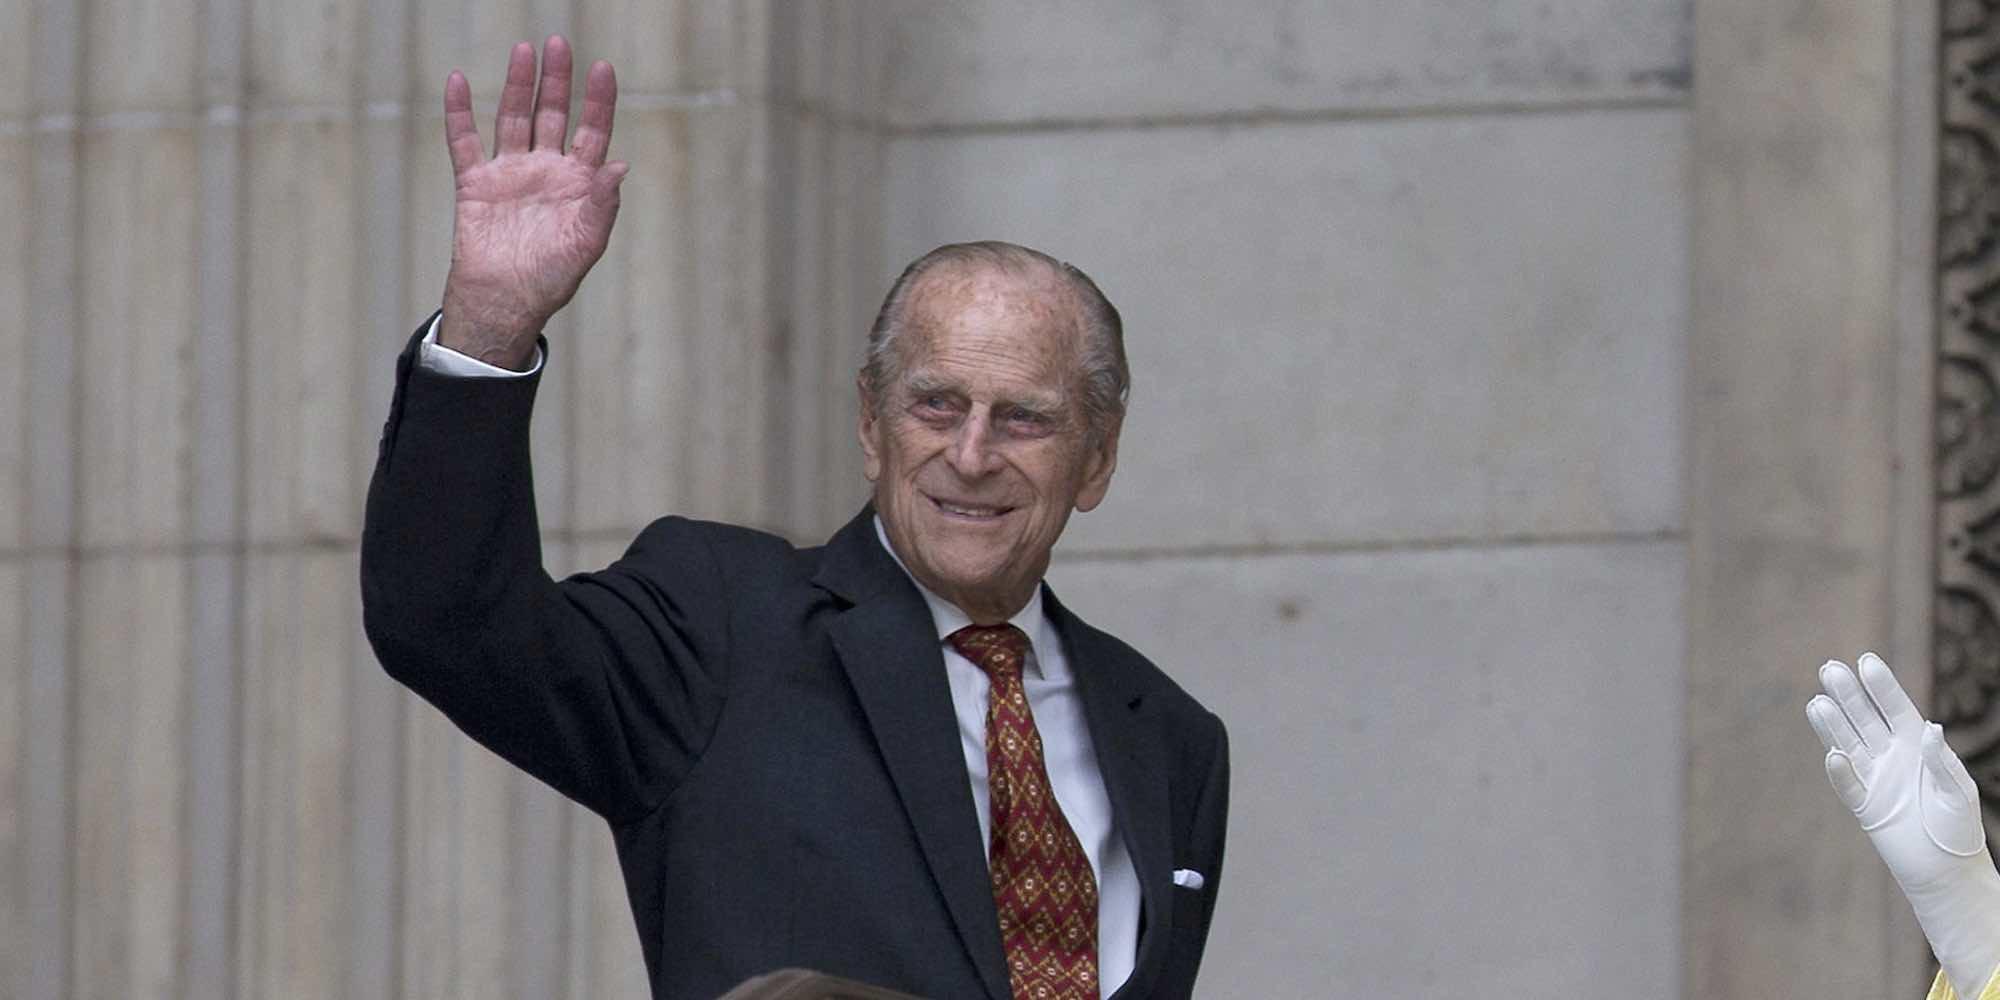 El Duque de Edimburgo se retira de los actos oficiales tras 70 años como miembro de la Familia Real Británica